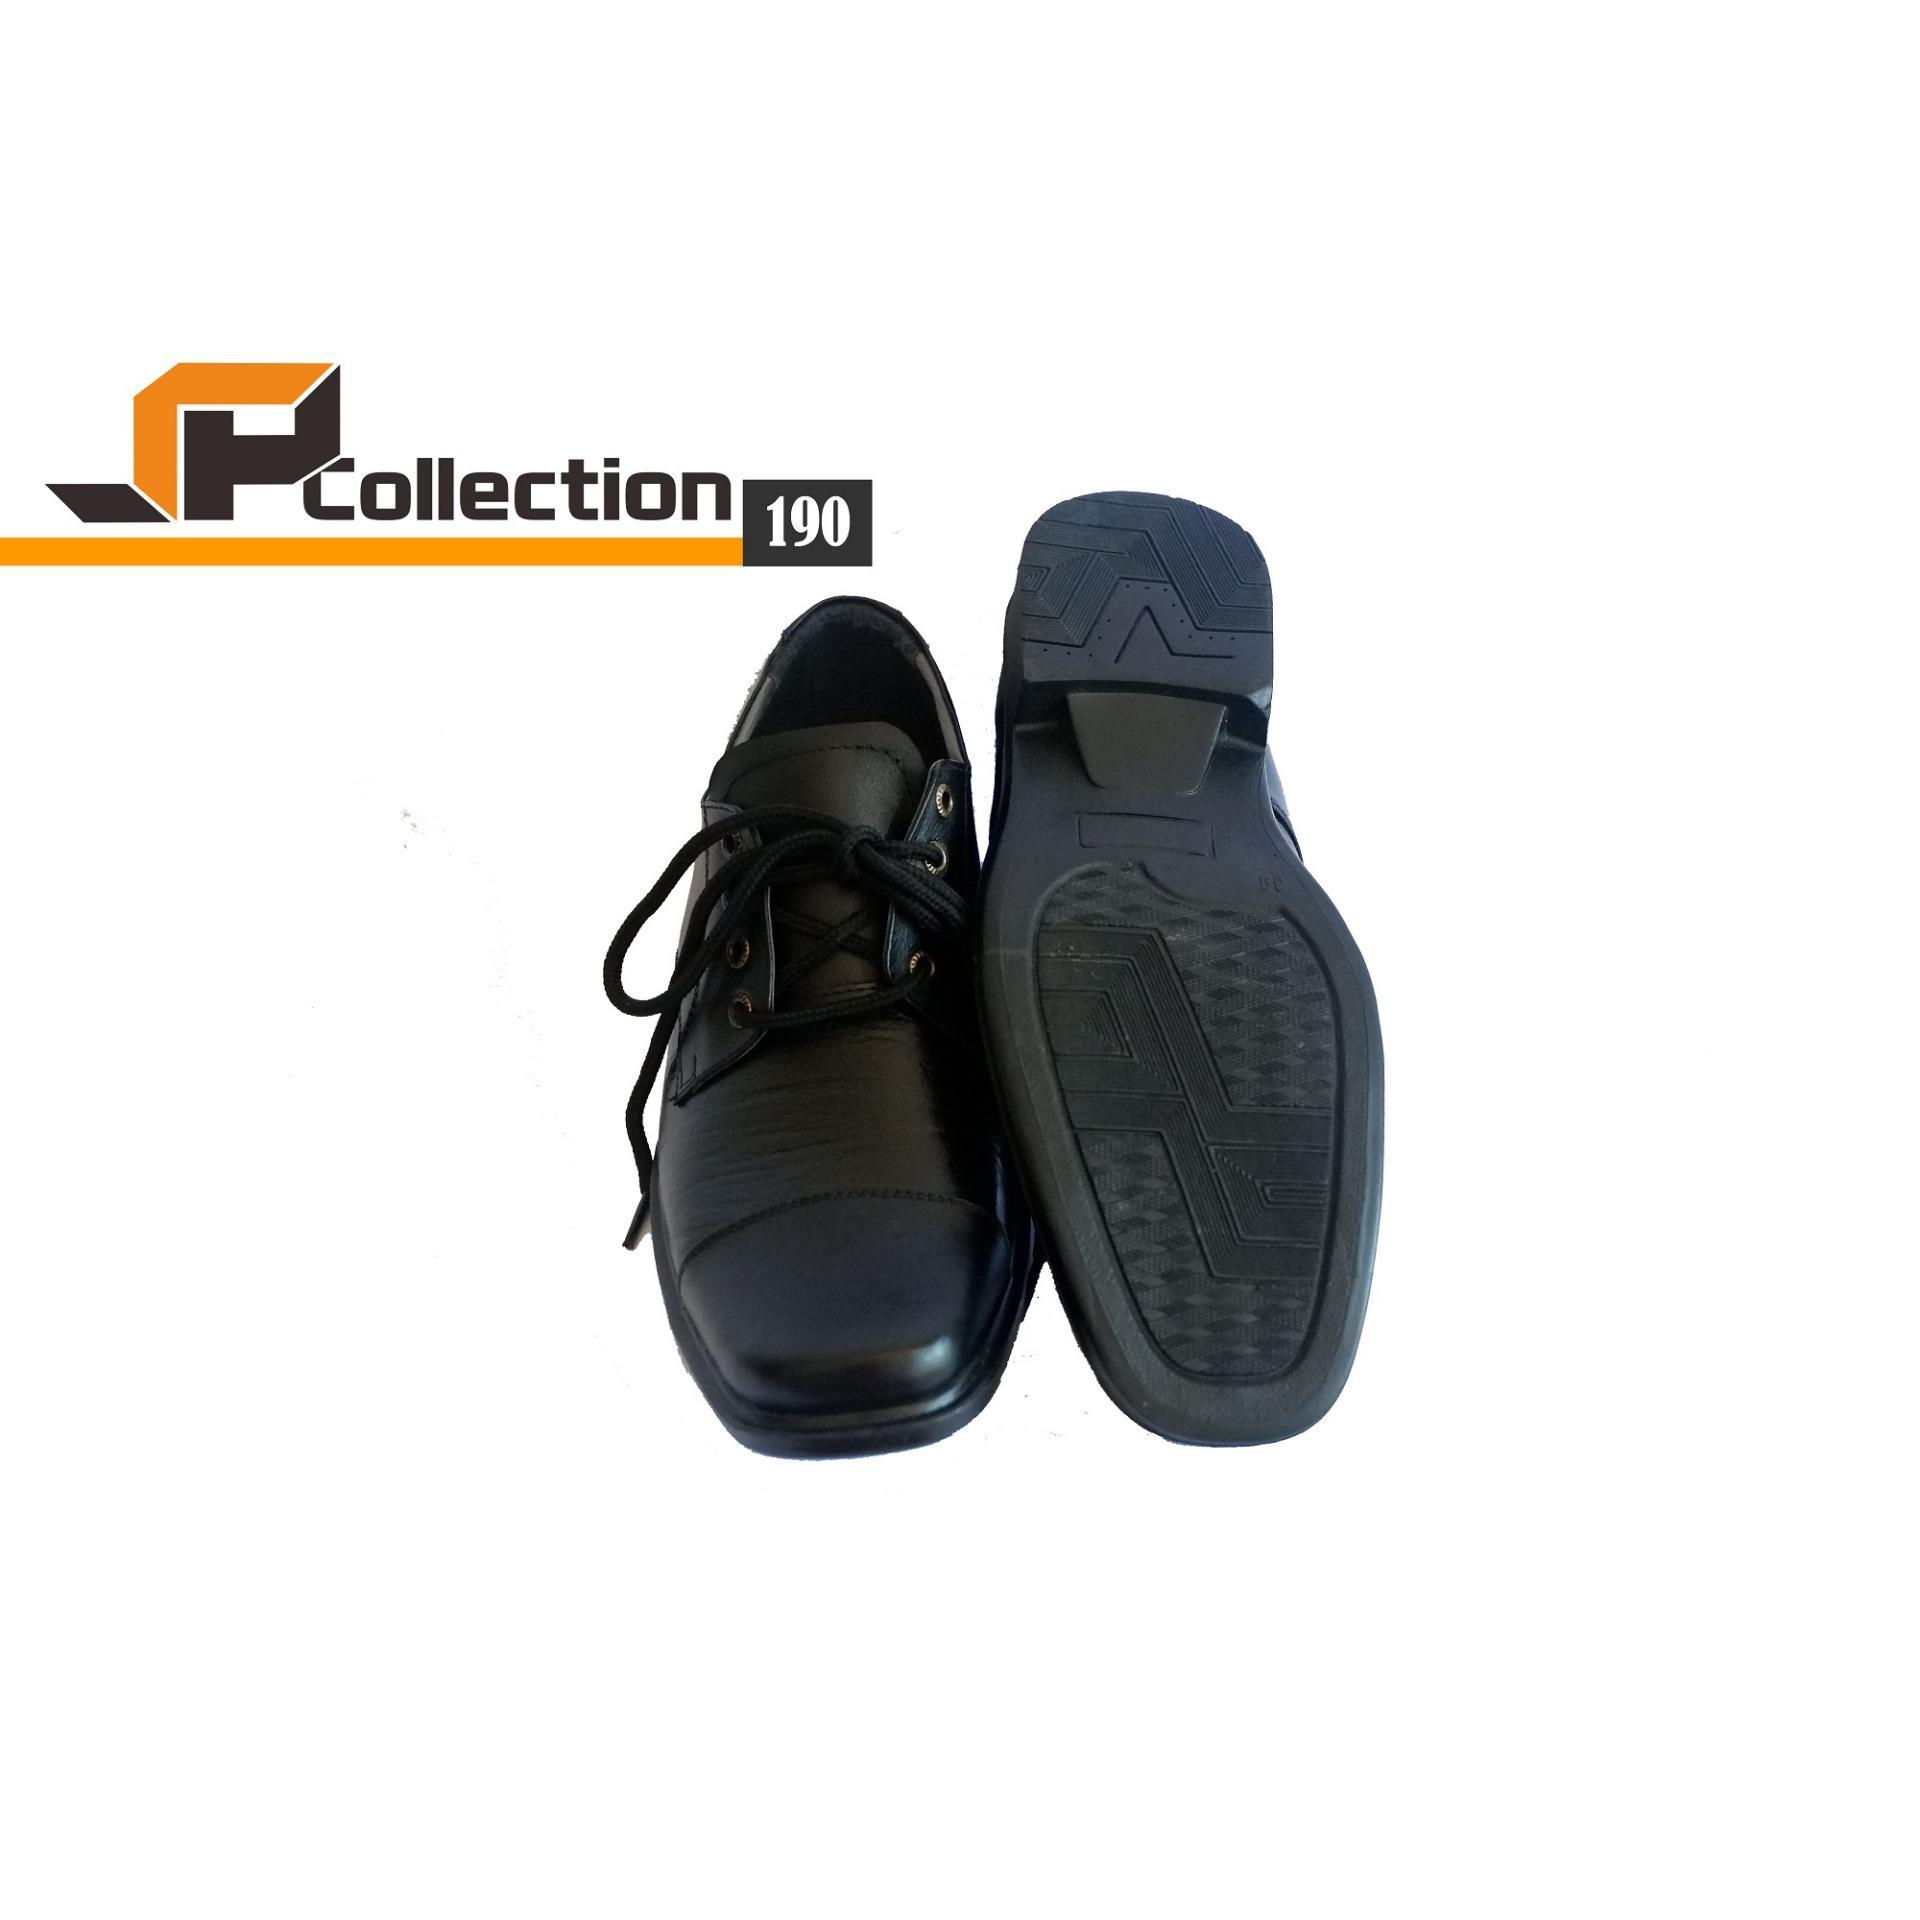 Jual Spatoo Sepatu Pantofel Kulit Asli 190 Hitam Sepatu Pantofel Pria Sepatu Pria Murah Sepatu Pria Kulit Sepatu Kerja Kulit Pria Sepatu Pria Formal Kulit Asli Sepatu Kulit Formal Pria Satu Set